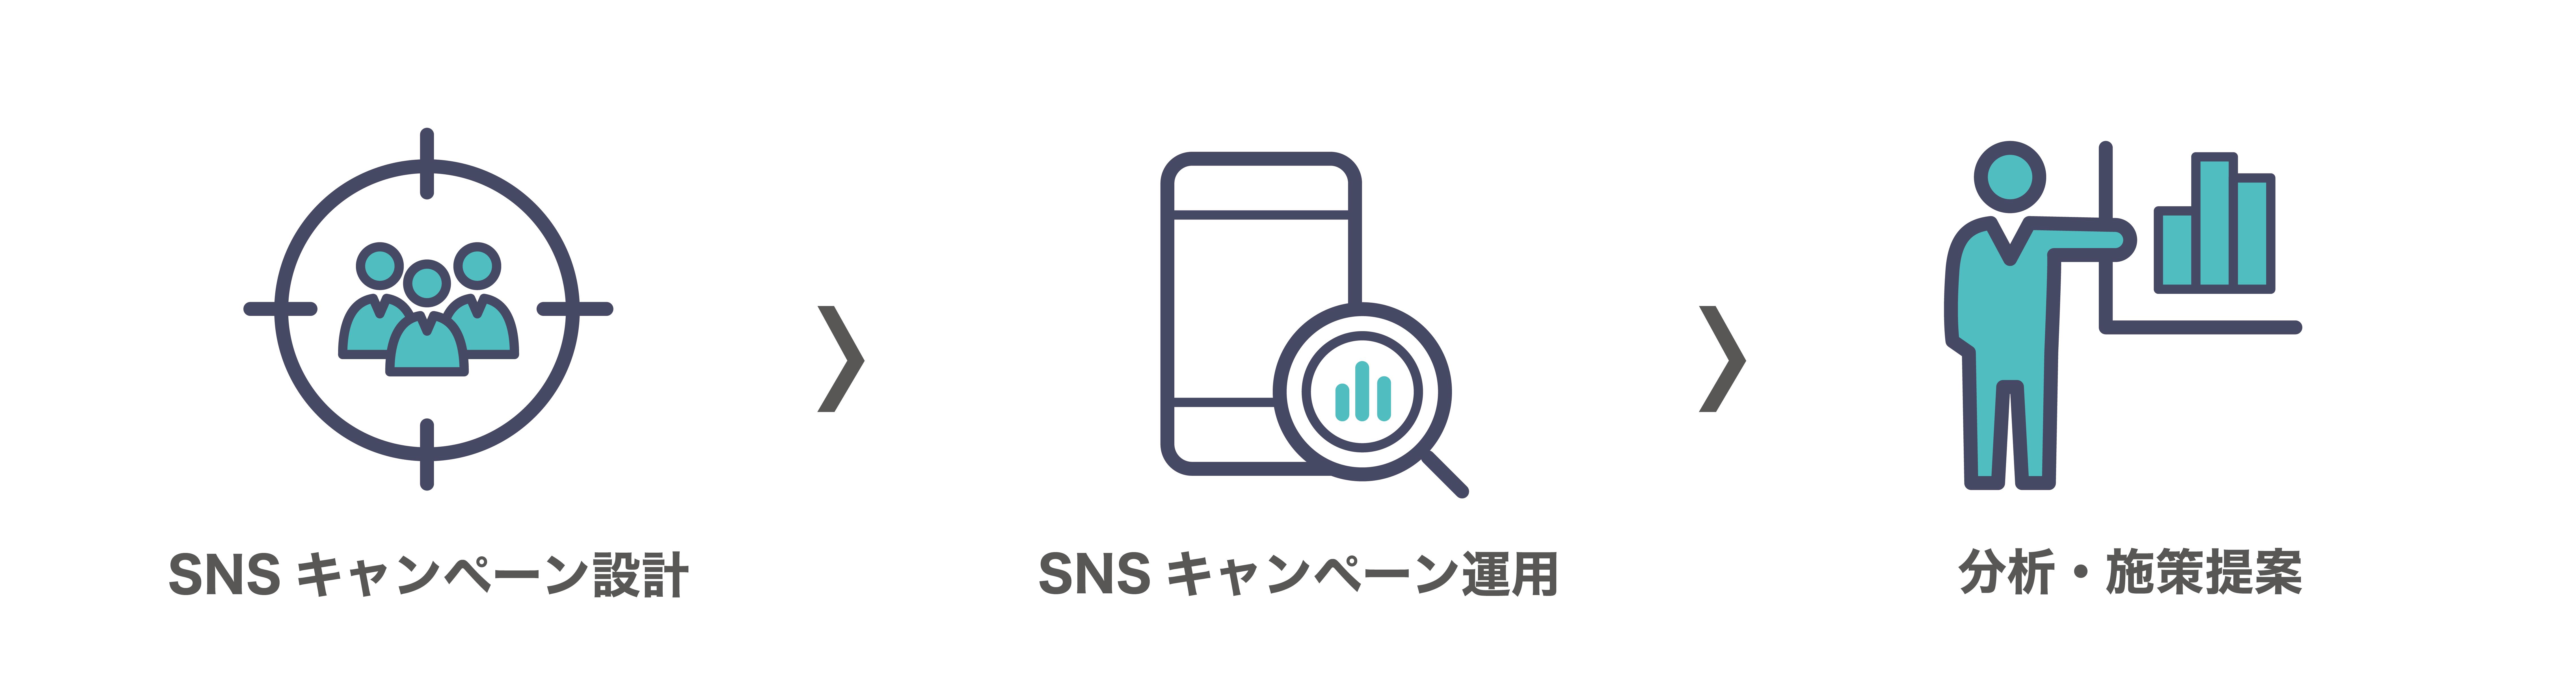 sns_service_flow